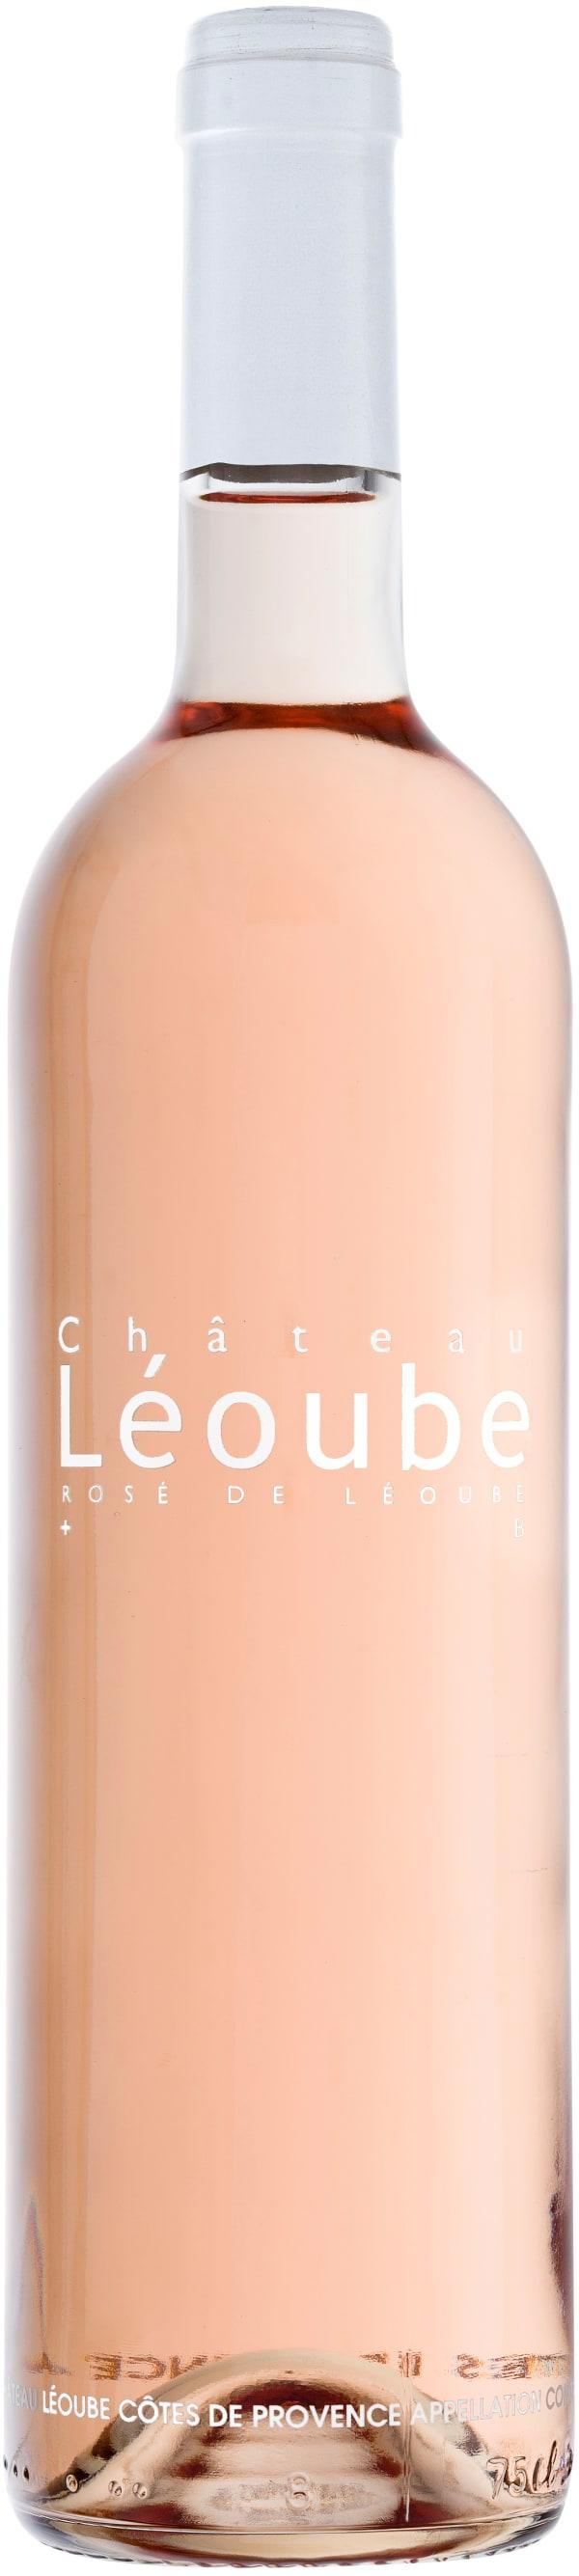 Chateau De Léoube Rosé 2017